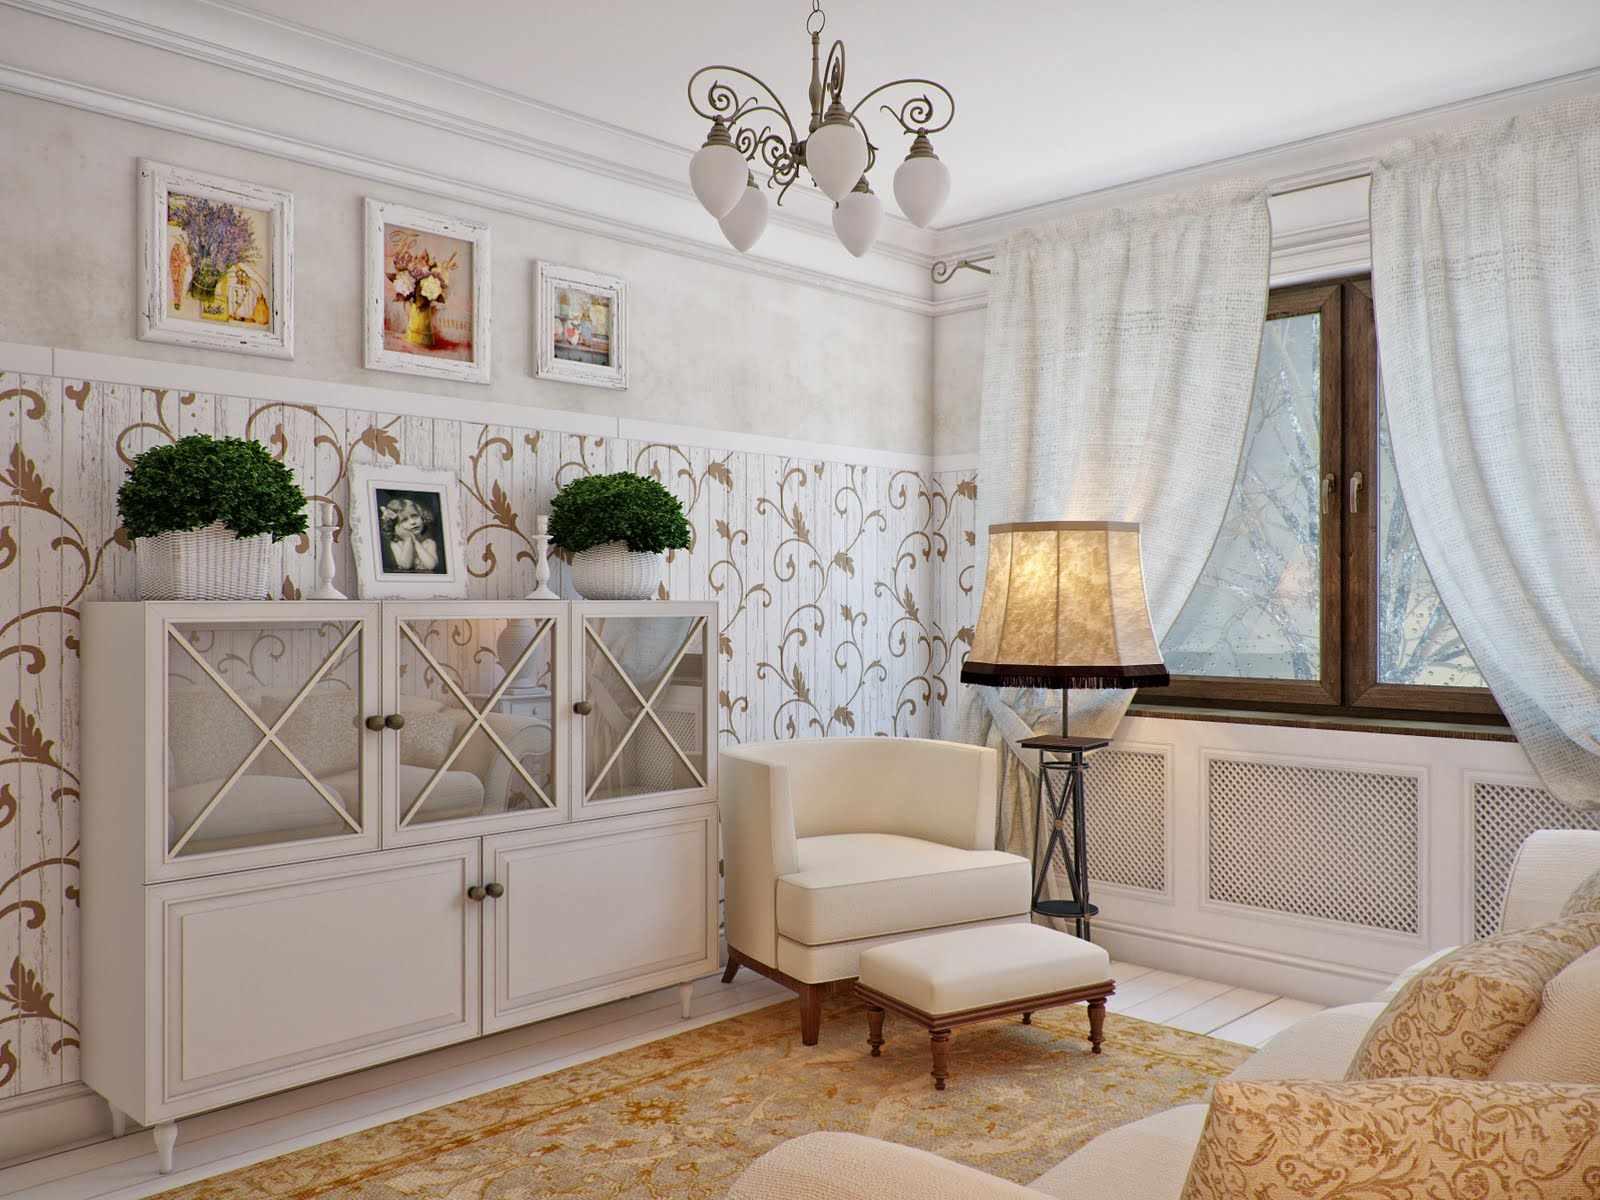 ý tưởng về một nội thất sáng sủa trong phòng khách